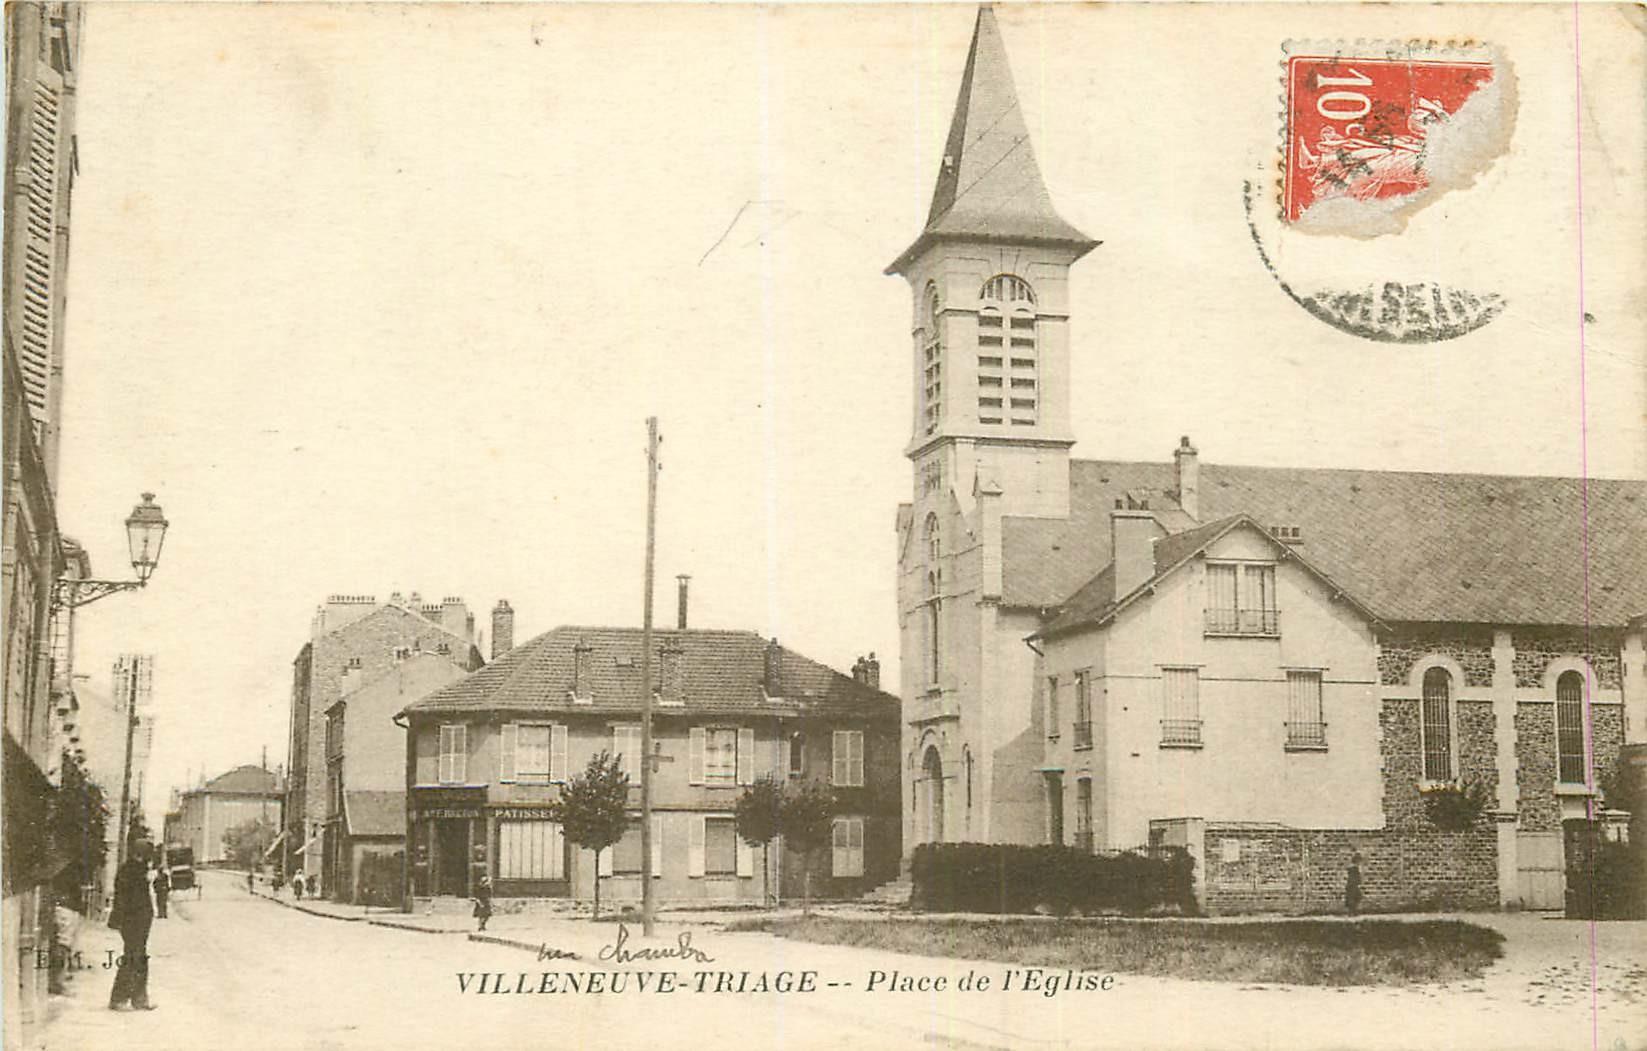 WW 94 VILLENEUVE TRIAGE. Boulangerie Breton Place de l4eglise 1917